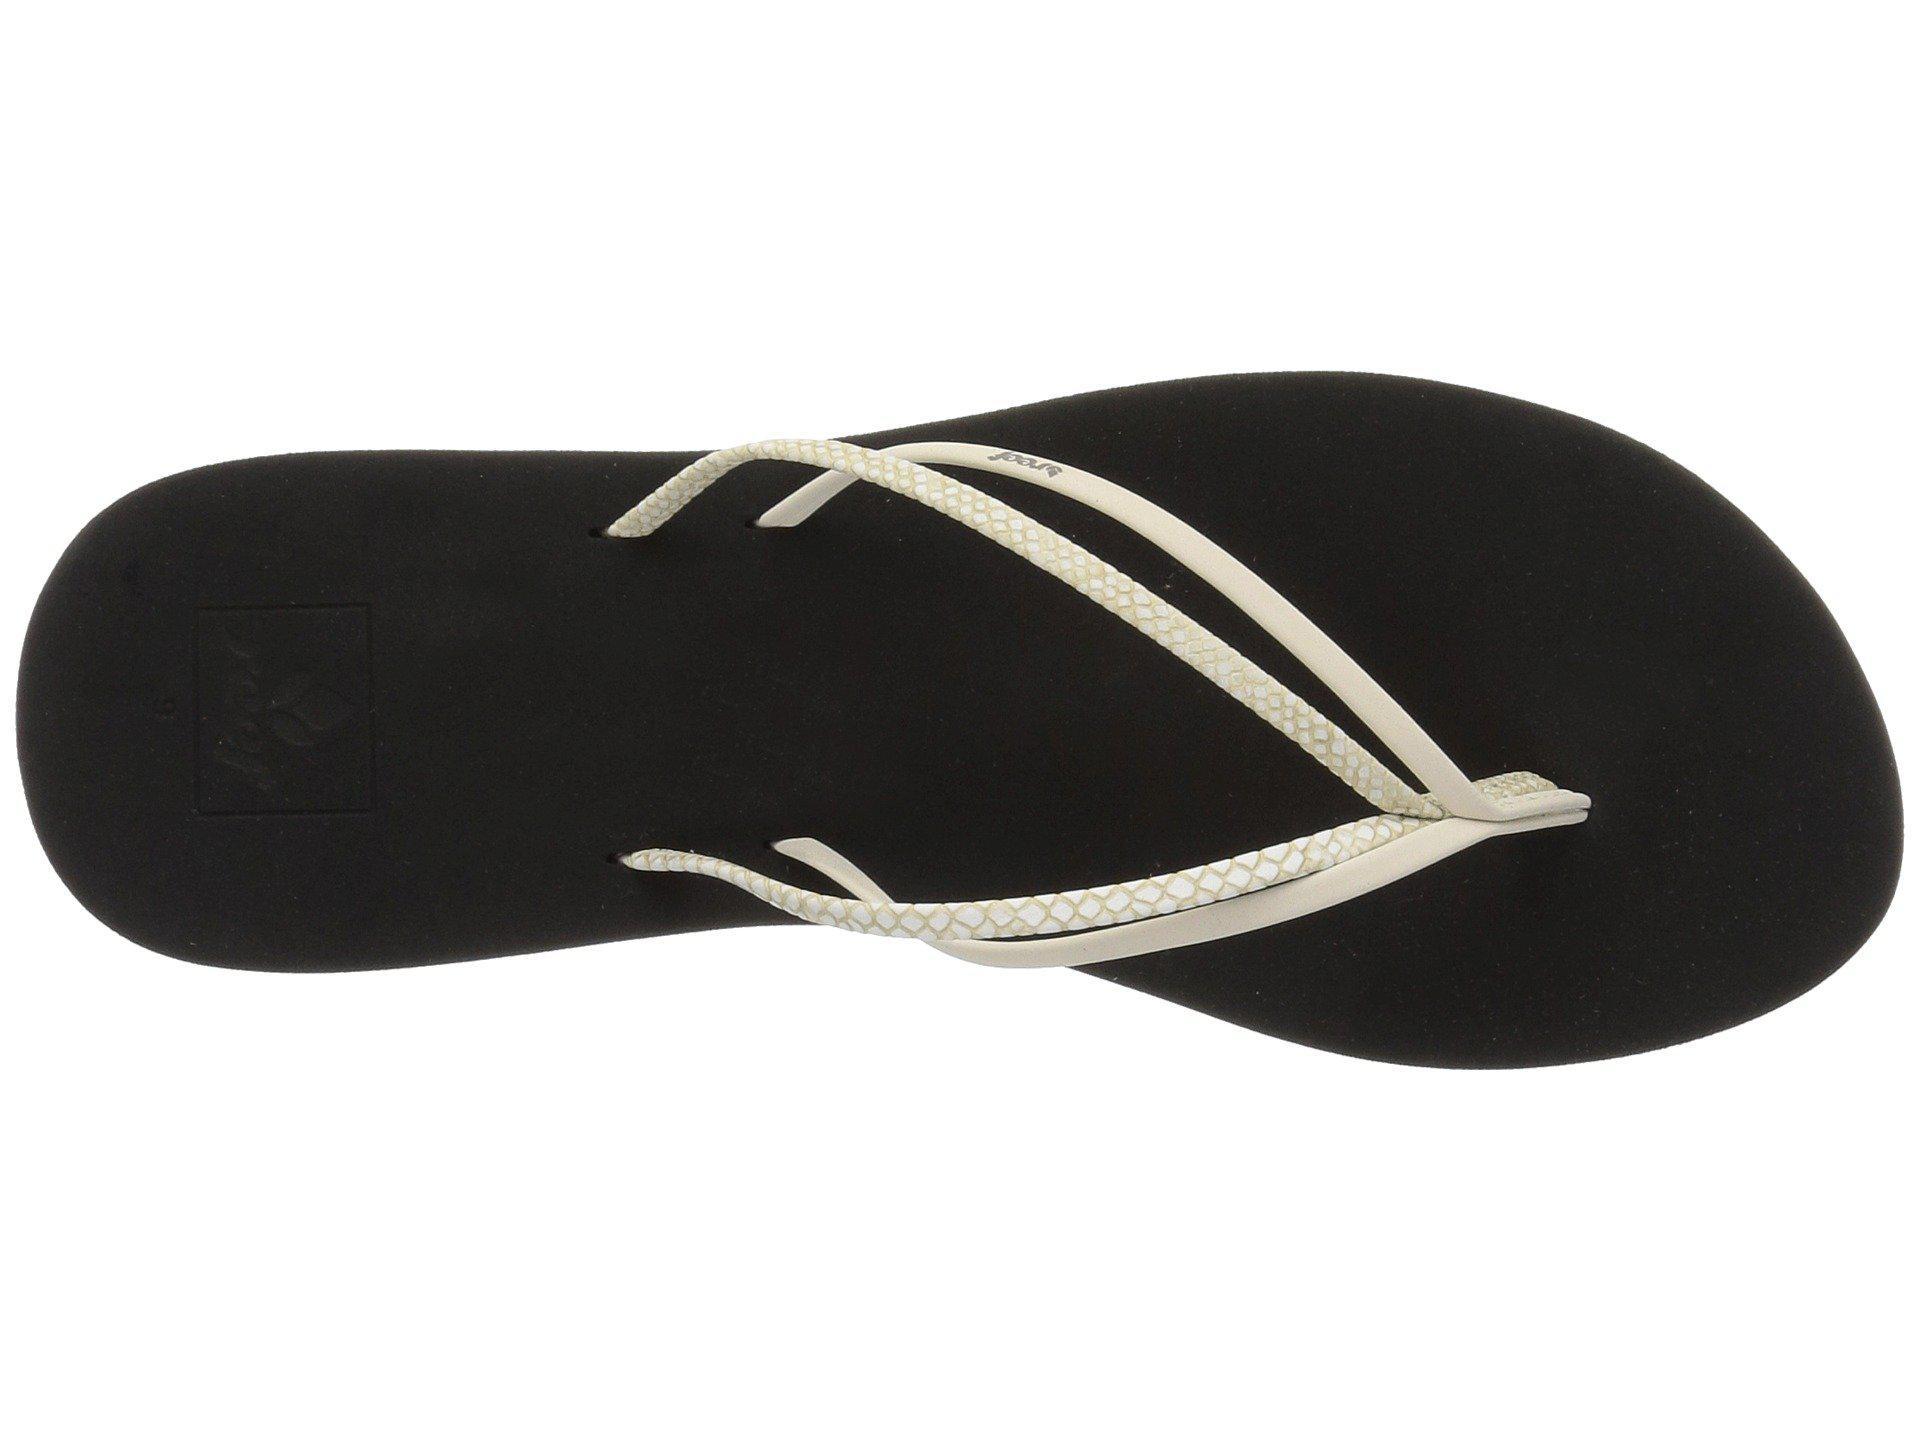 16bedcfcde81 Lyst - Reef Double Bliss (snake) Women s Sandals